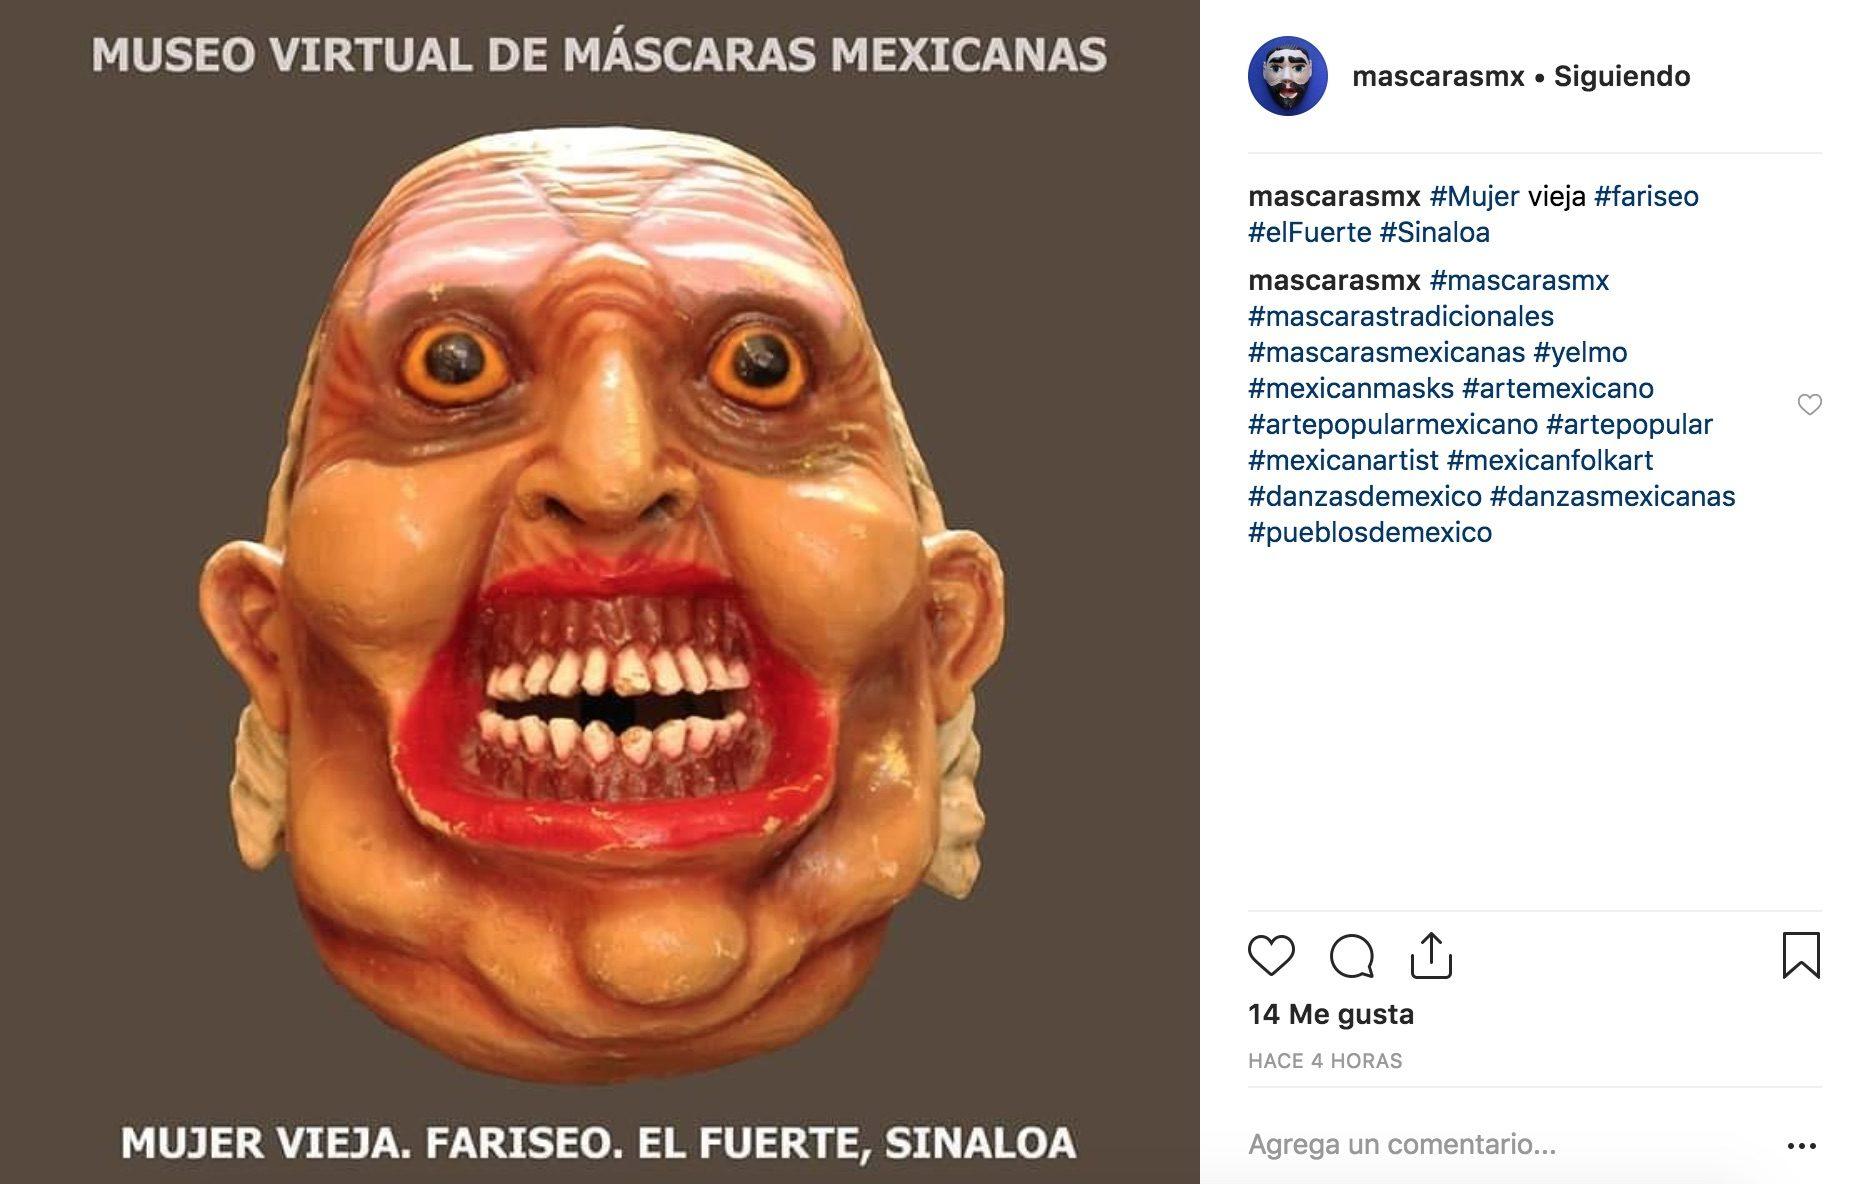 Las máscaras tradicionales mexicanas son un recurso innovador para disfrazarte este día de muertos con el que serás el más original.